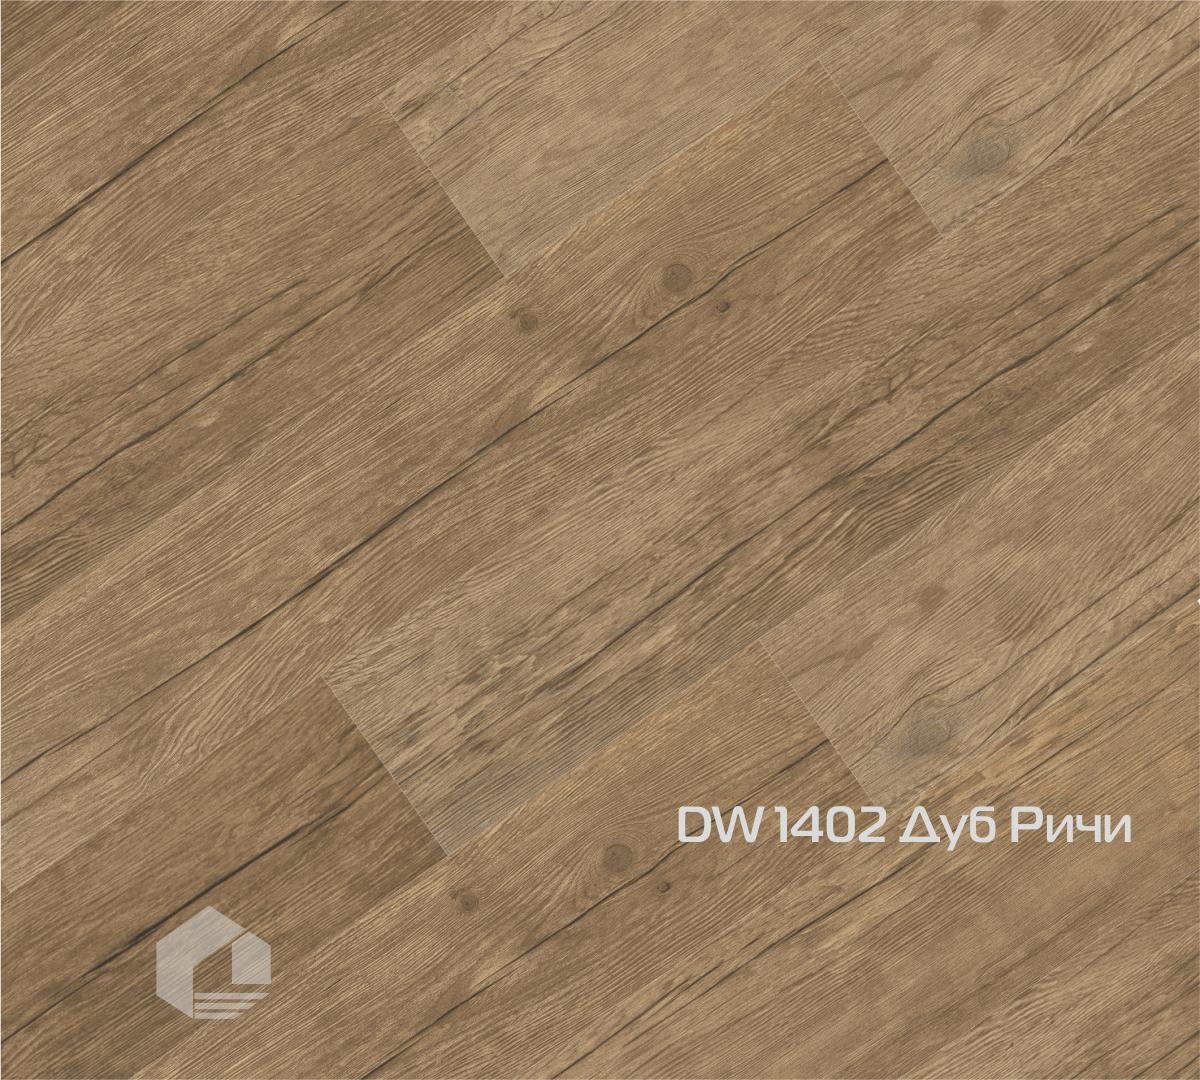 """Кварцвиниловая плитка Decoria Mild Tile DW1402 2Т """"Дуб Ричи"""" (184*950*2 мм.)"""